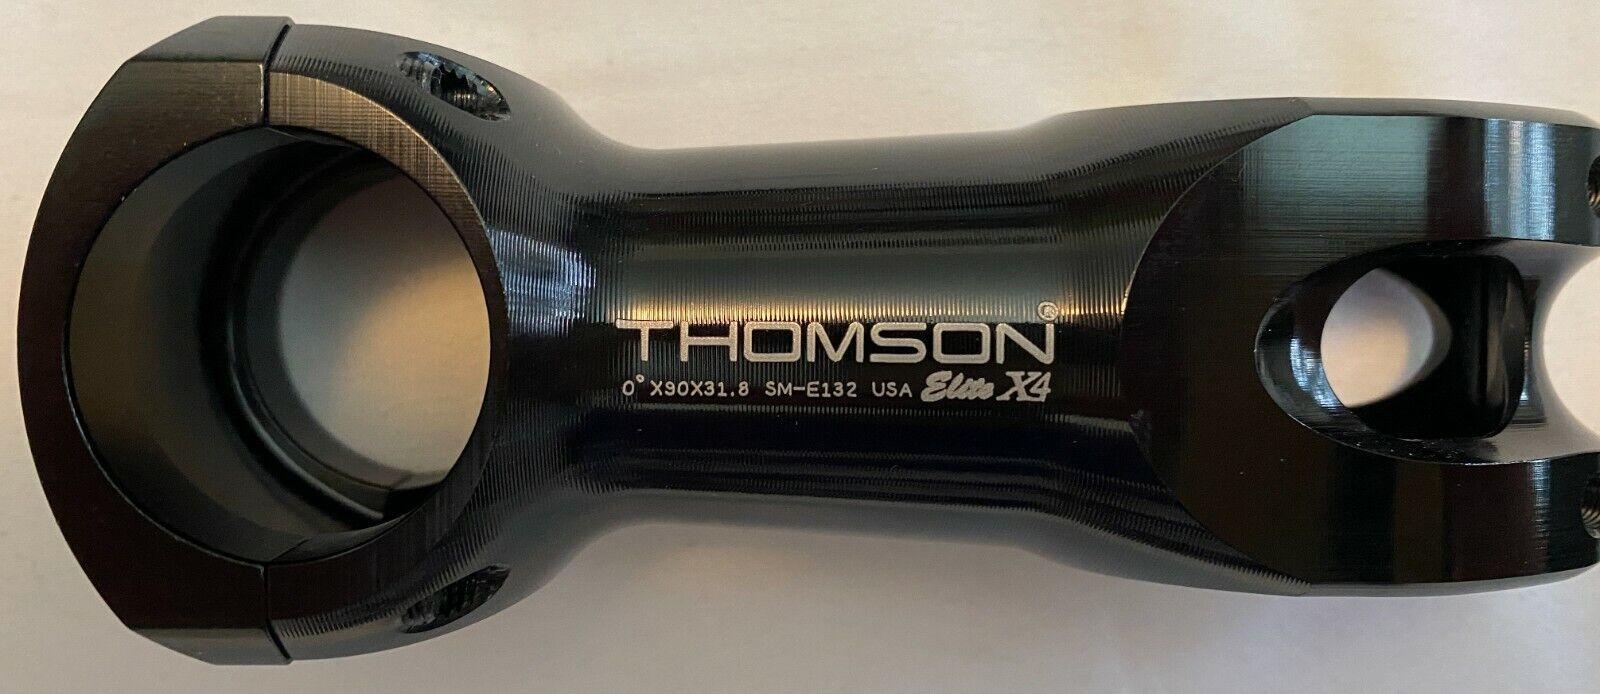 Thomson Elite X4 Mountain Bike Vélo Tige 0 degré 35.0 x 32 mm Noir